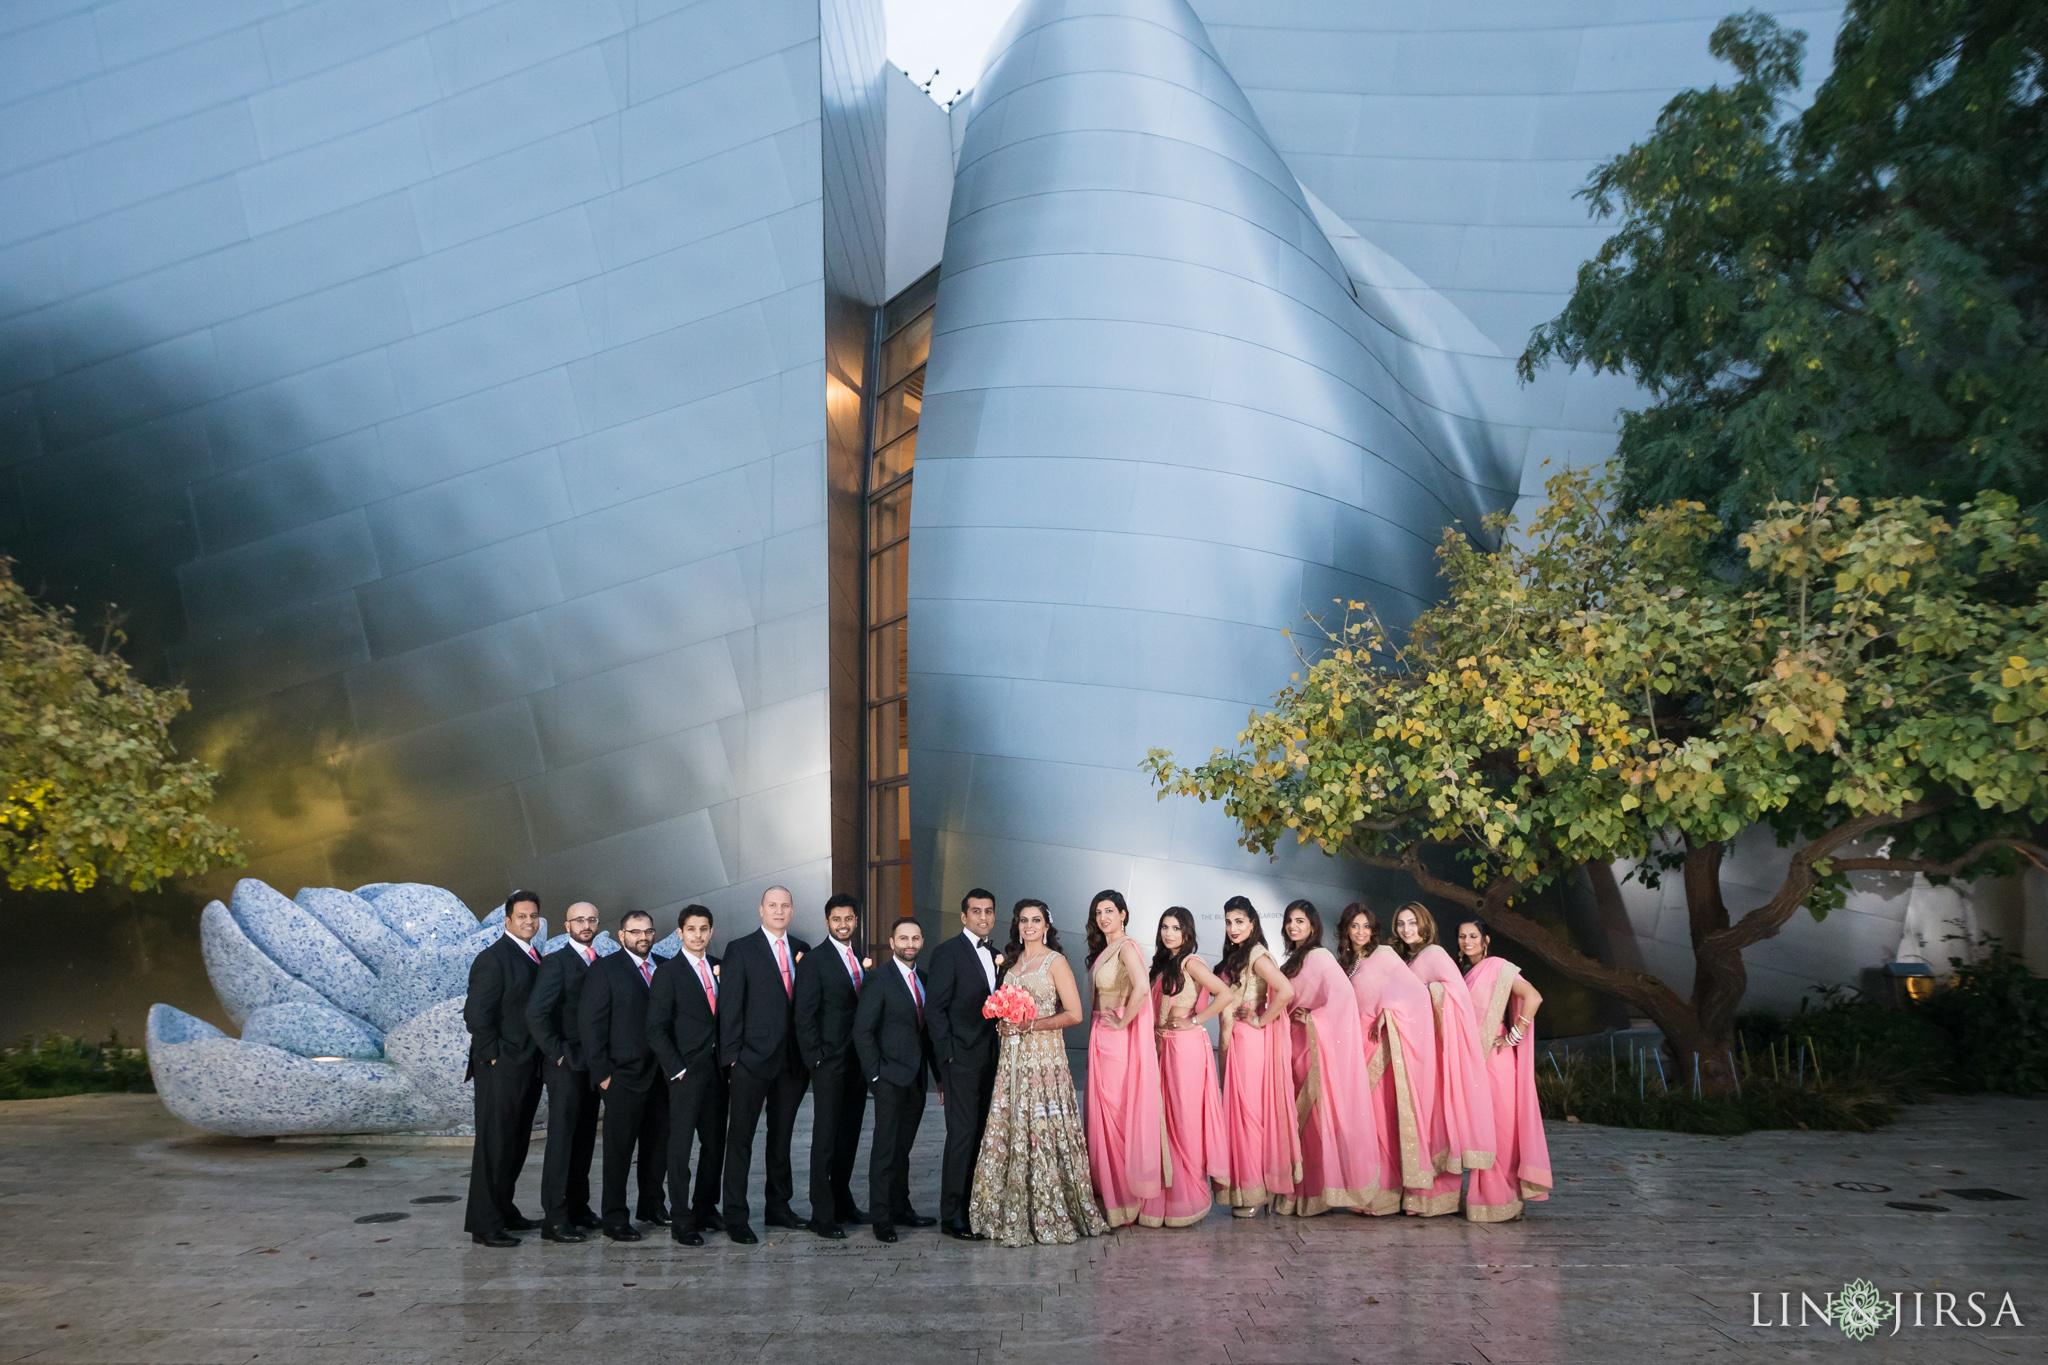 08-biltmore-hotel-los-angeles-wedding-reception-photography